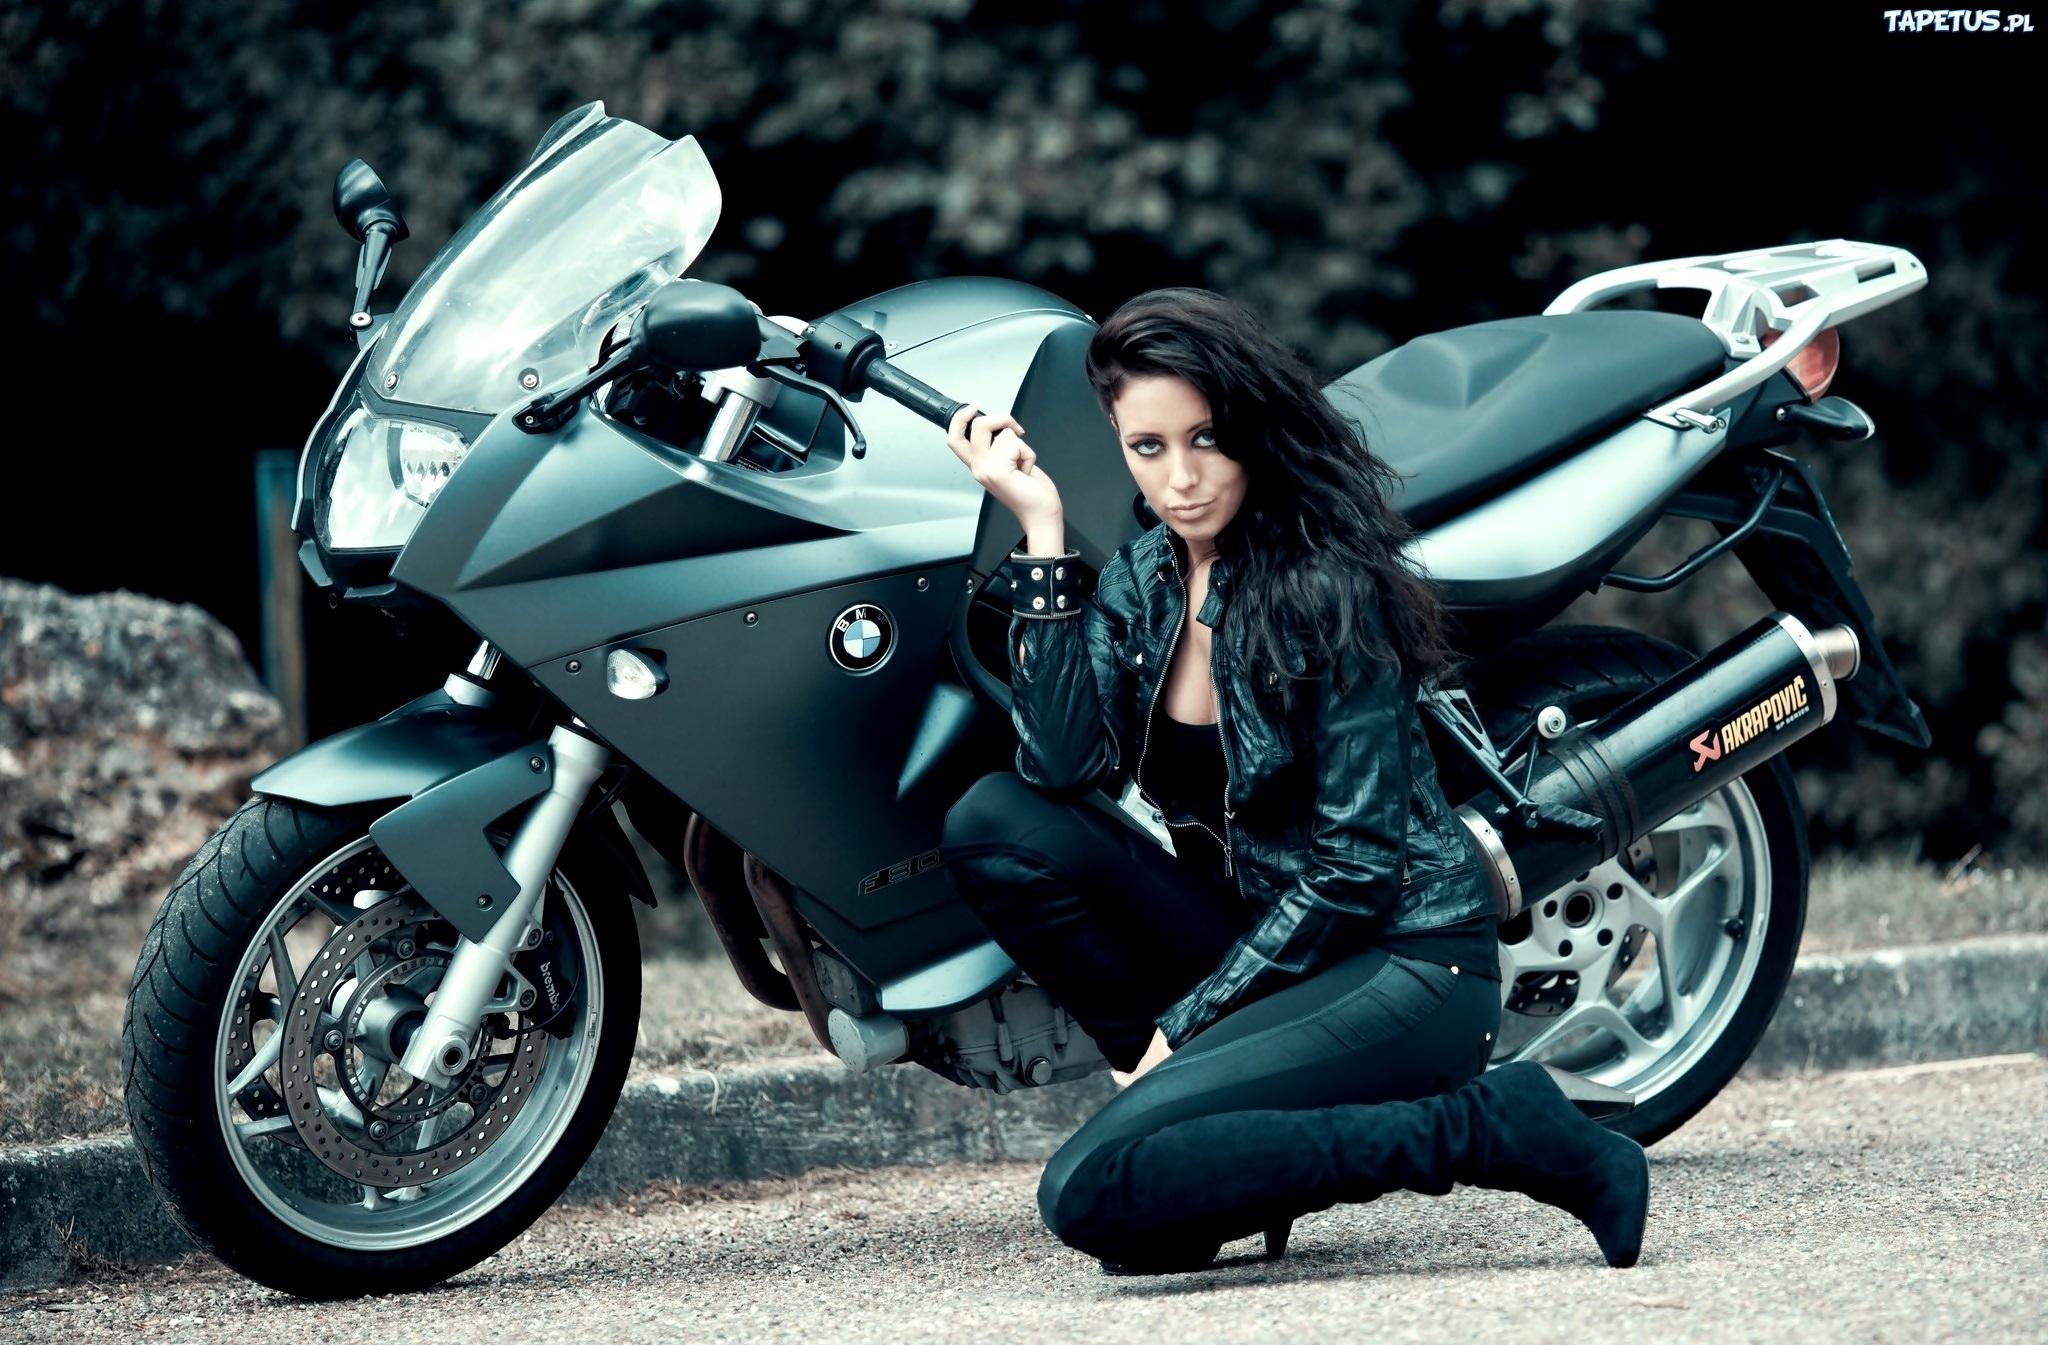 Bmw S1000rr Girl Wallpaper Motocykl Bmw Kobieta